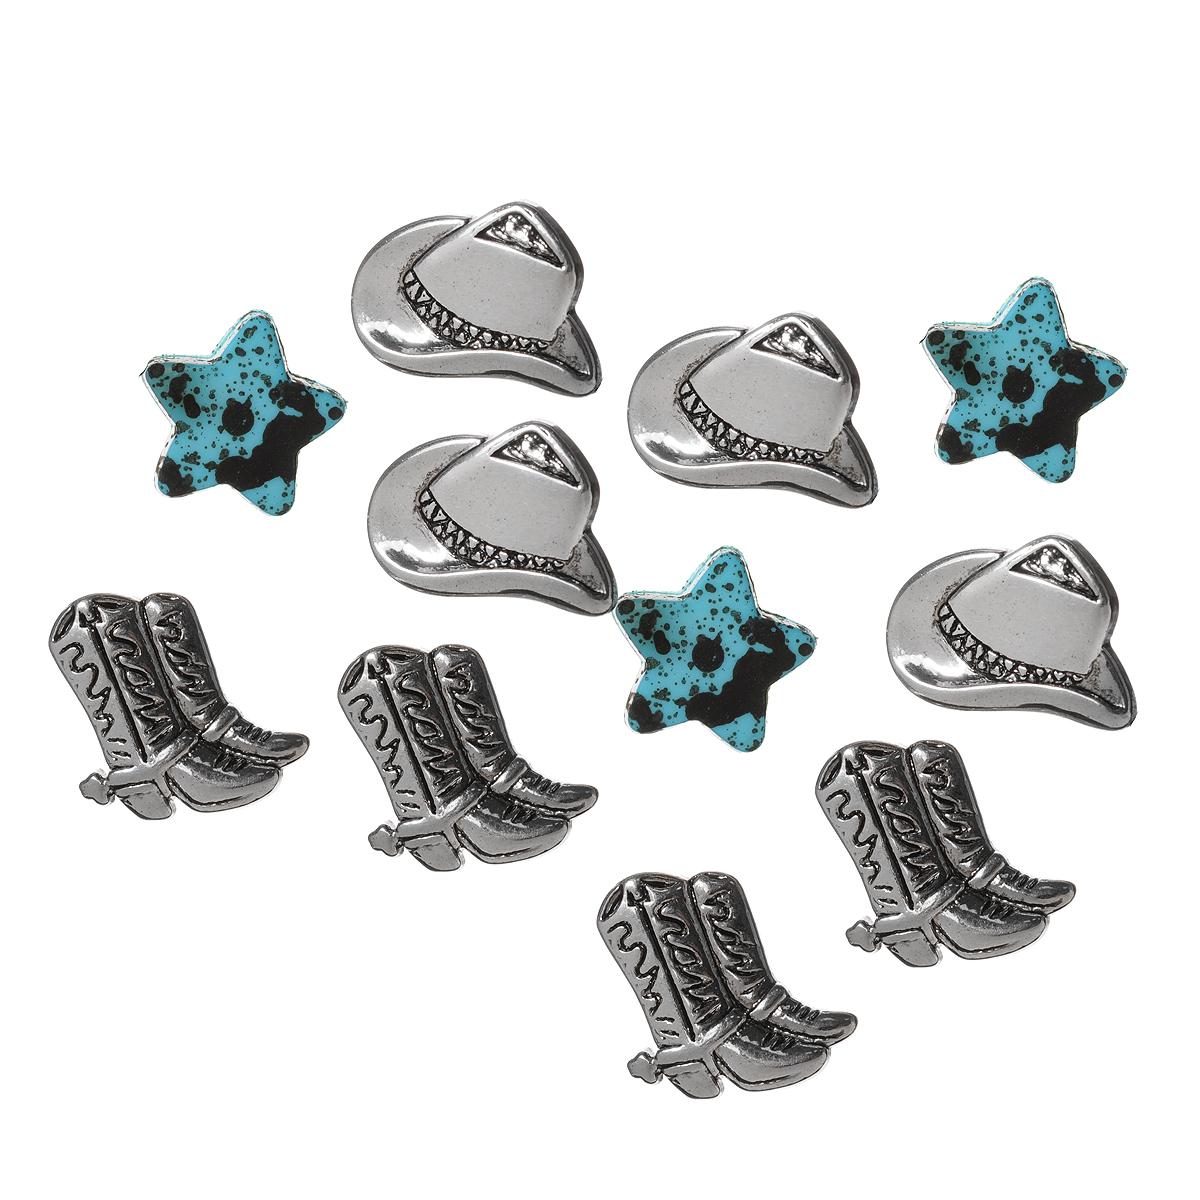 Пуговицы декоративные Dress It Up Шляпы и ботинки, 11 шт. 77020877702087Набор Dress It Up Шляпы и ботинки состоит из 11 декоративных пуговиц, выполненных из пластика в форме ботинок, шляп и звезд. Такие пуговицы подходят для любых видов творчества: скрапбукинга, декорирования, шитья, изготовления кукол, а также для оформления одежды. С их помощью вы сможете украсить открытку, фотографию, альбом, подарок и другие предметы ручной работы. Пуговицы разных цветов имеют оригинальный и яркий дизайн.